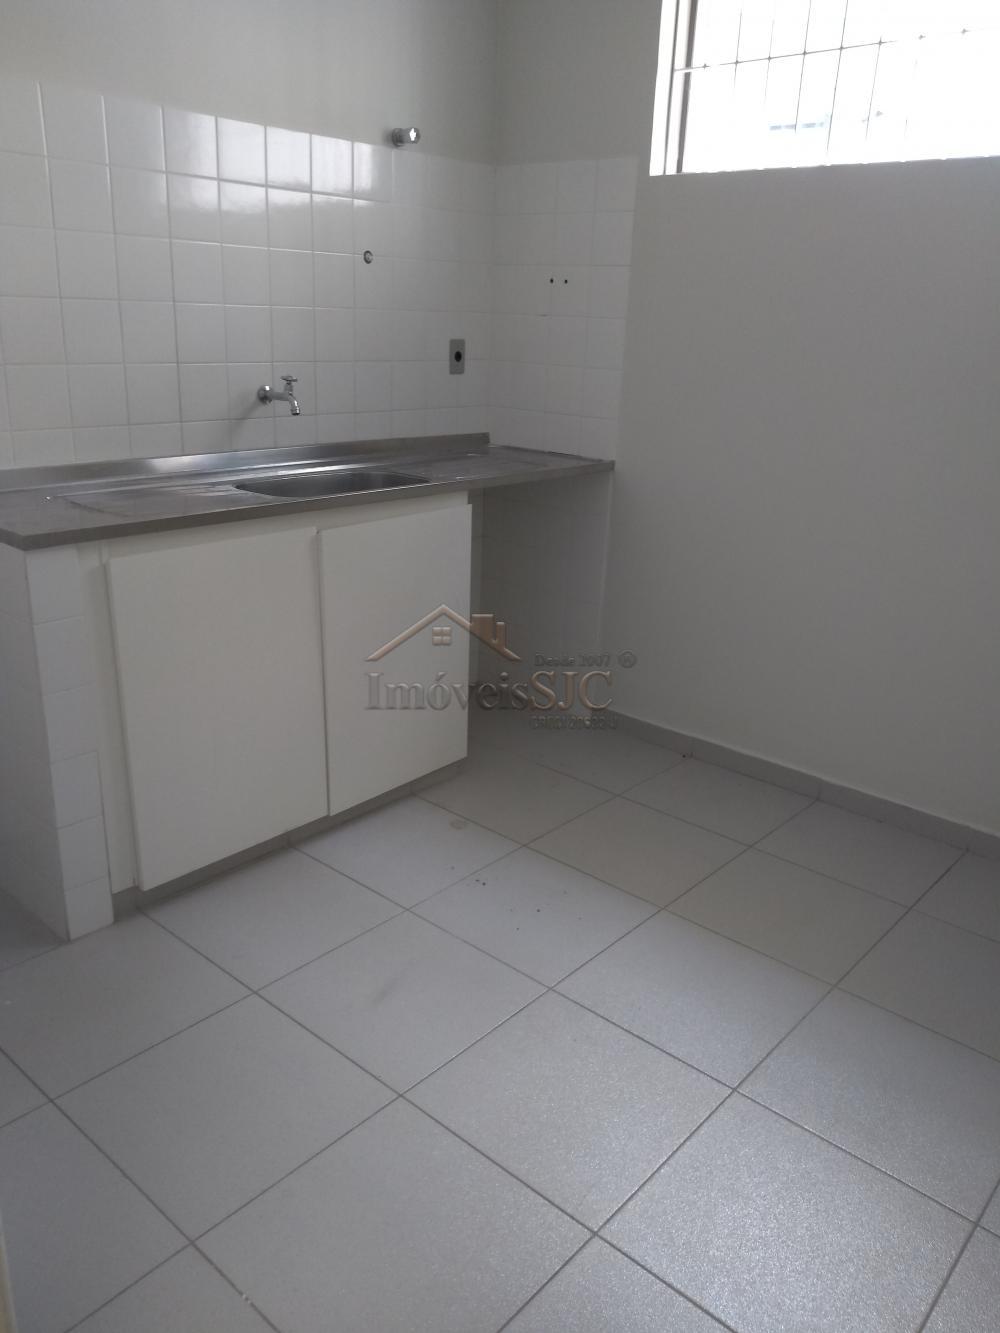 Alugar Comerciais / Prédio Comercial em São José dos Campos apenas R$ 30.000,00 - Foto 14